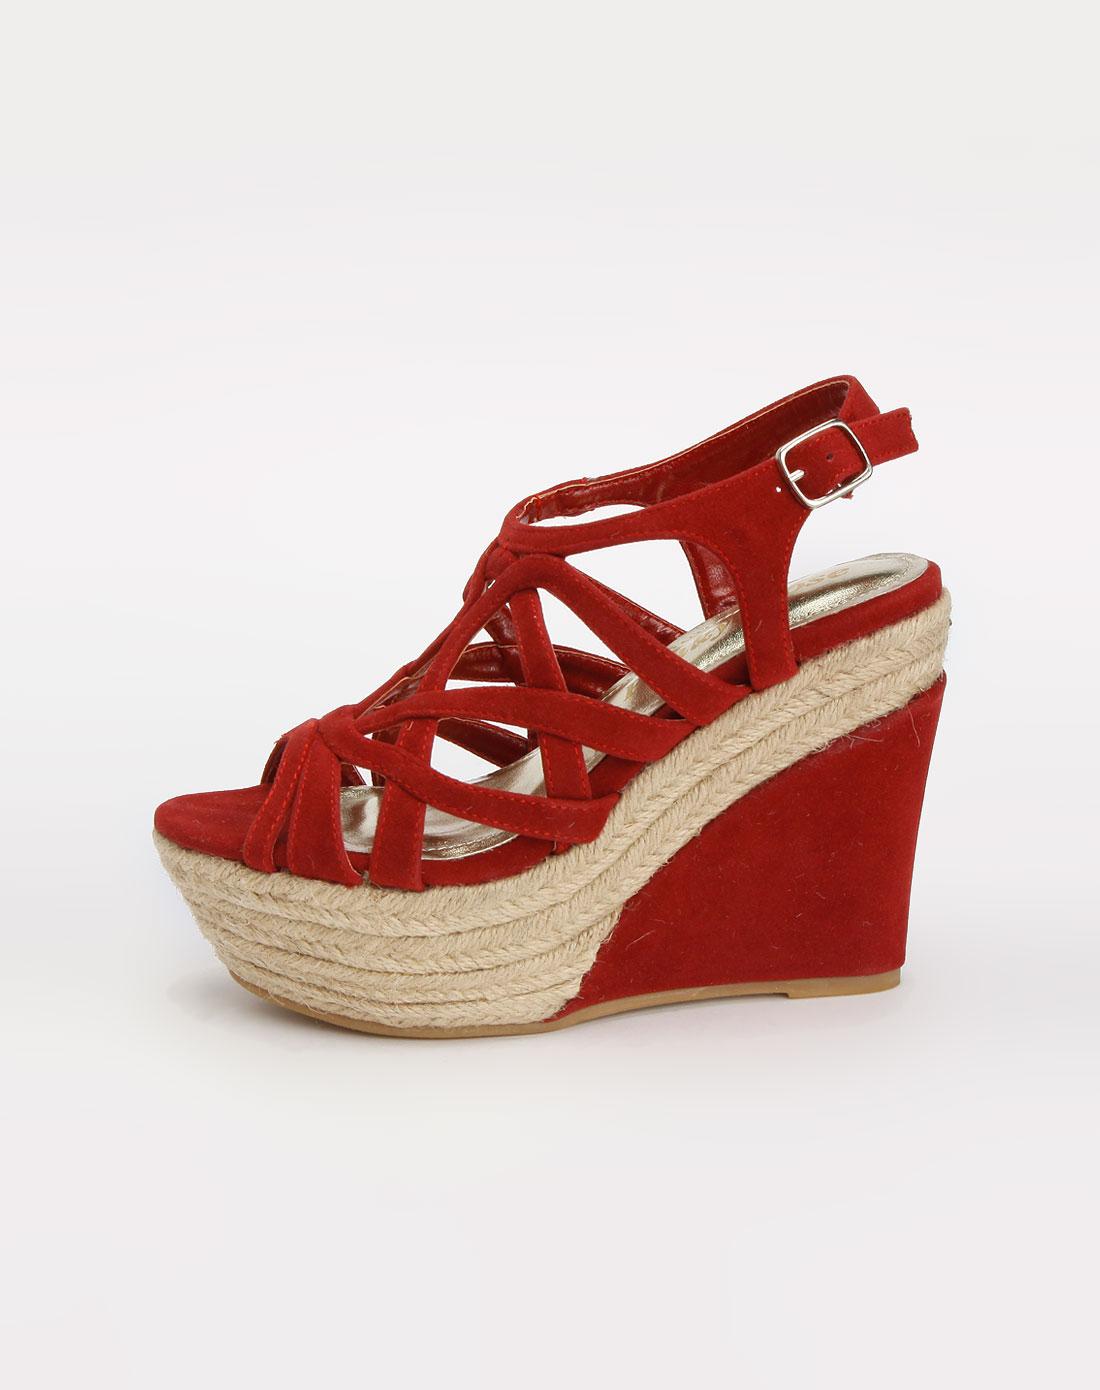 深酒红色网状鱼嘴坡跟凉鞋